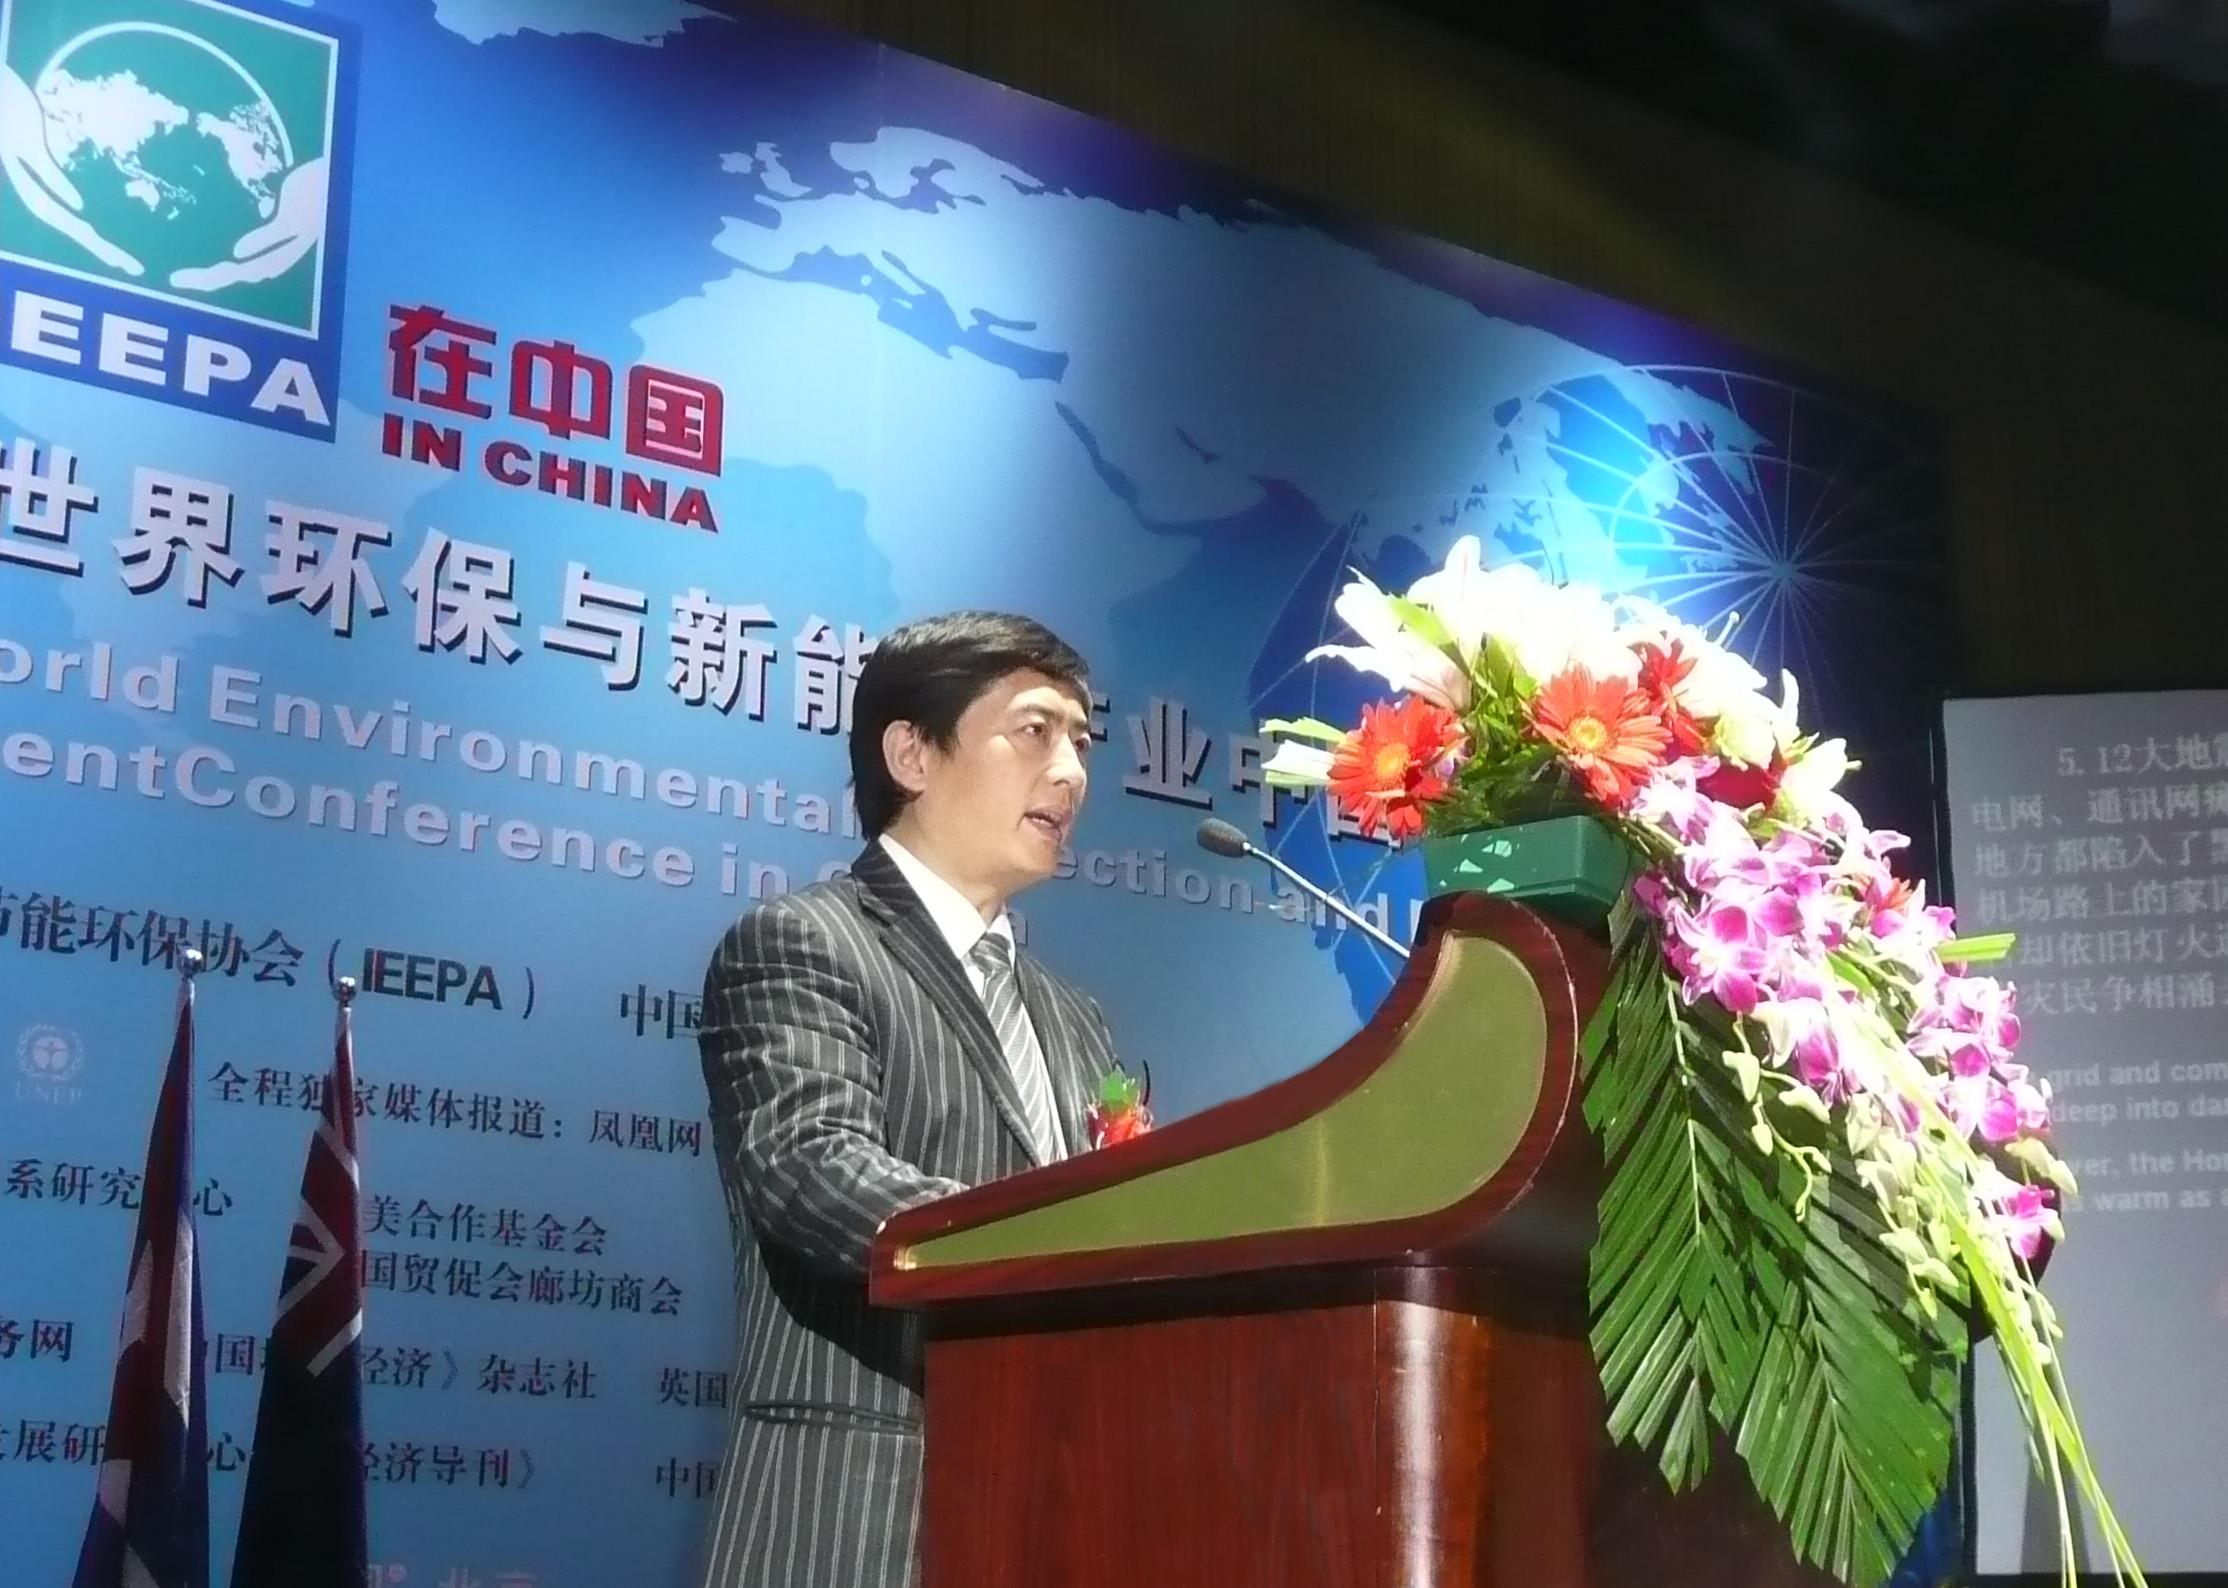 """在""""第二届世界环保与新能源工业中国发展大会""""上,森兰变频、深蓝空调双双被评为行业领军企业。陈斌总裁在开幕式上做风采讲演。"""